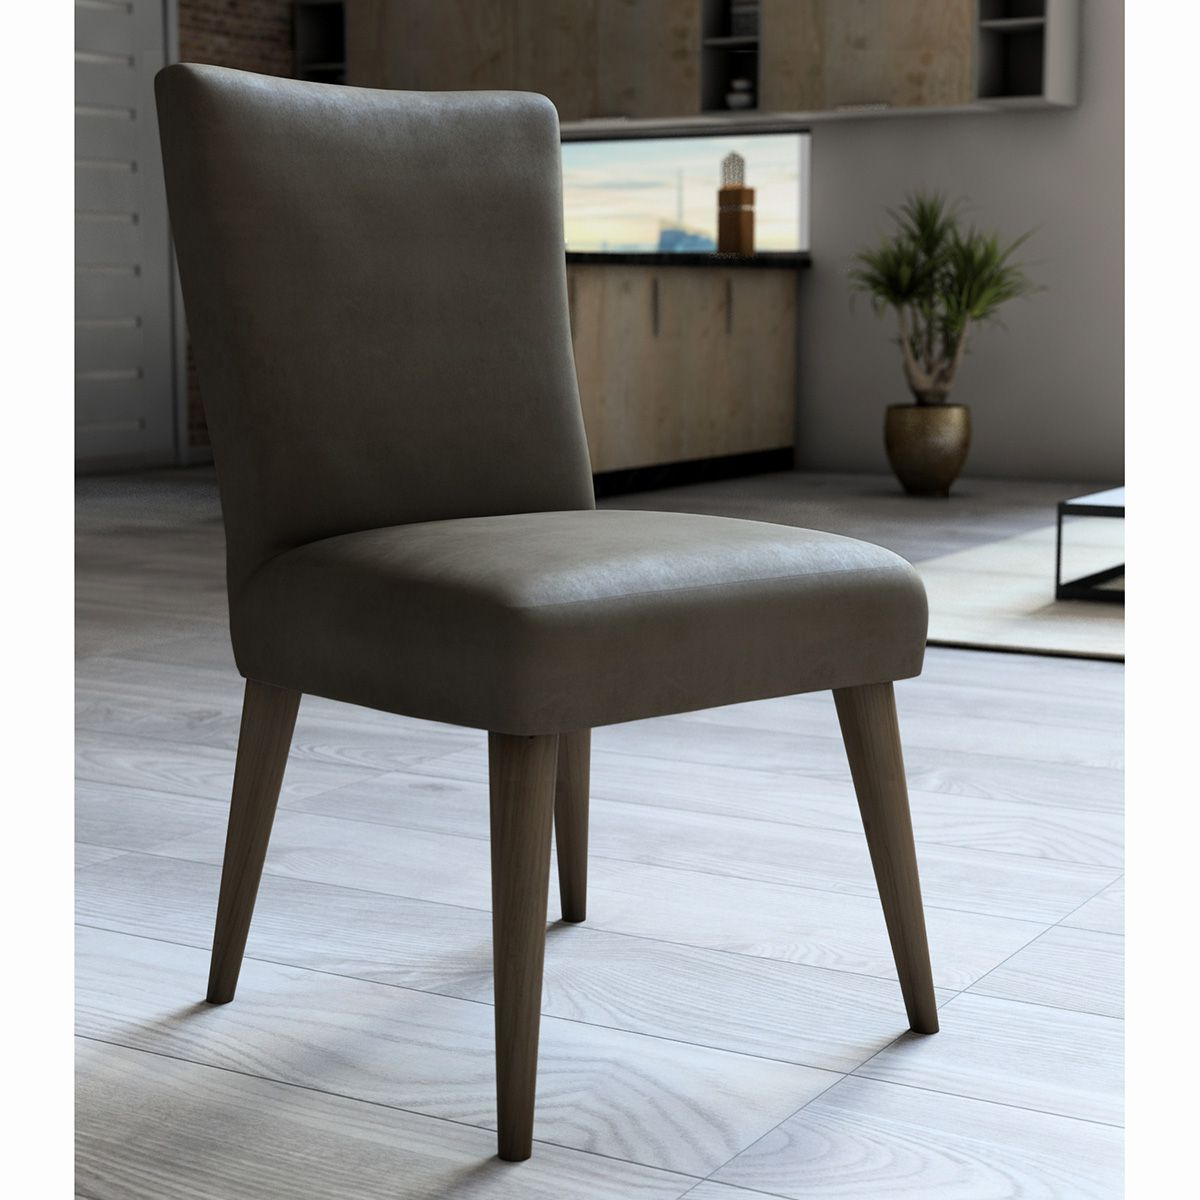 Capa P/ Cadeira - Luxo - Veludo - Castor - Adomes